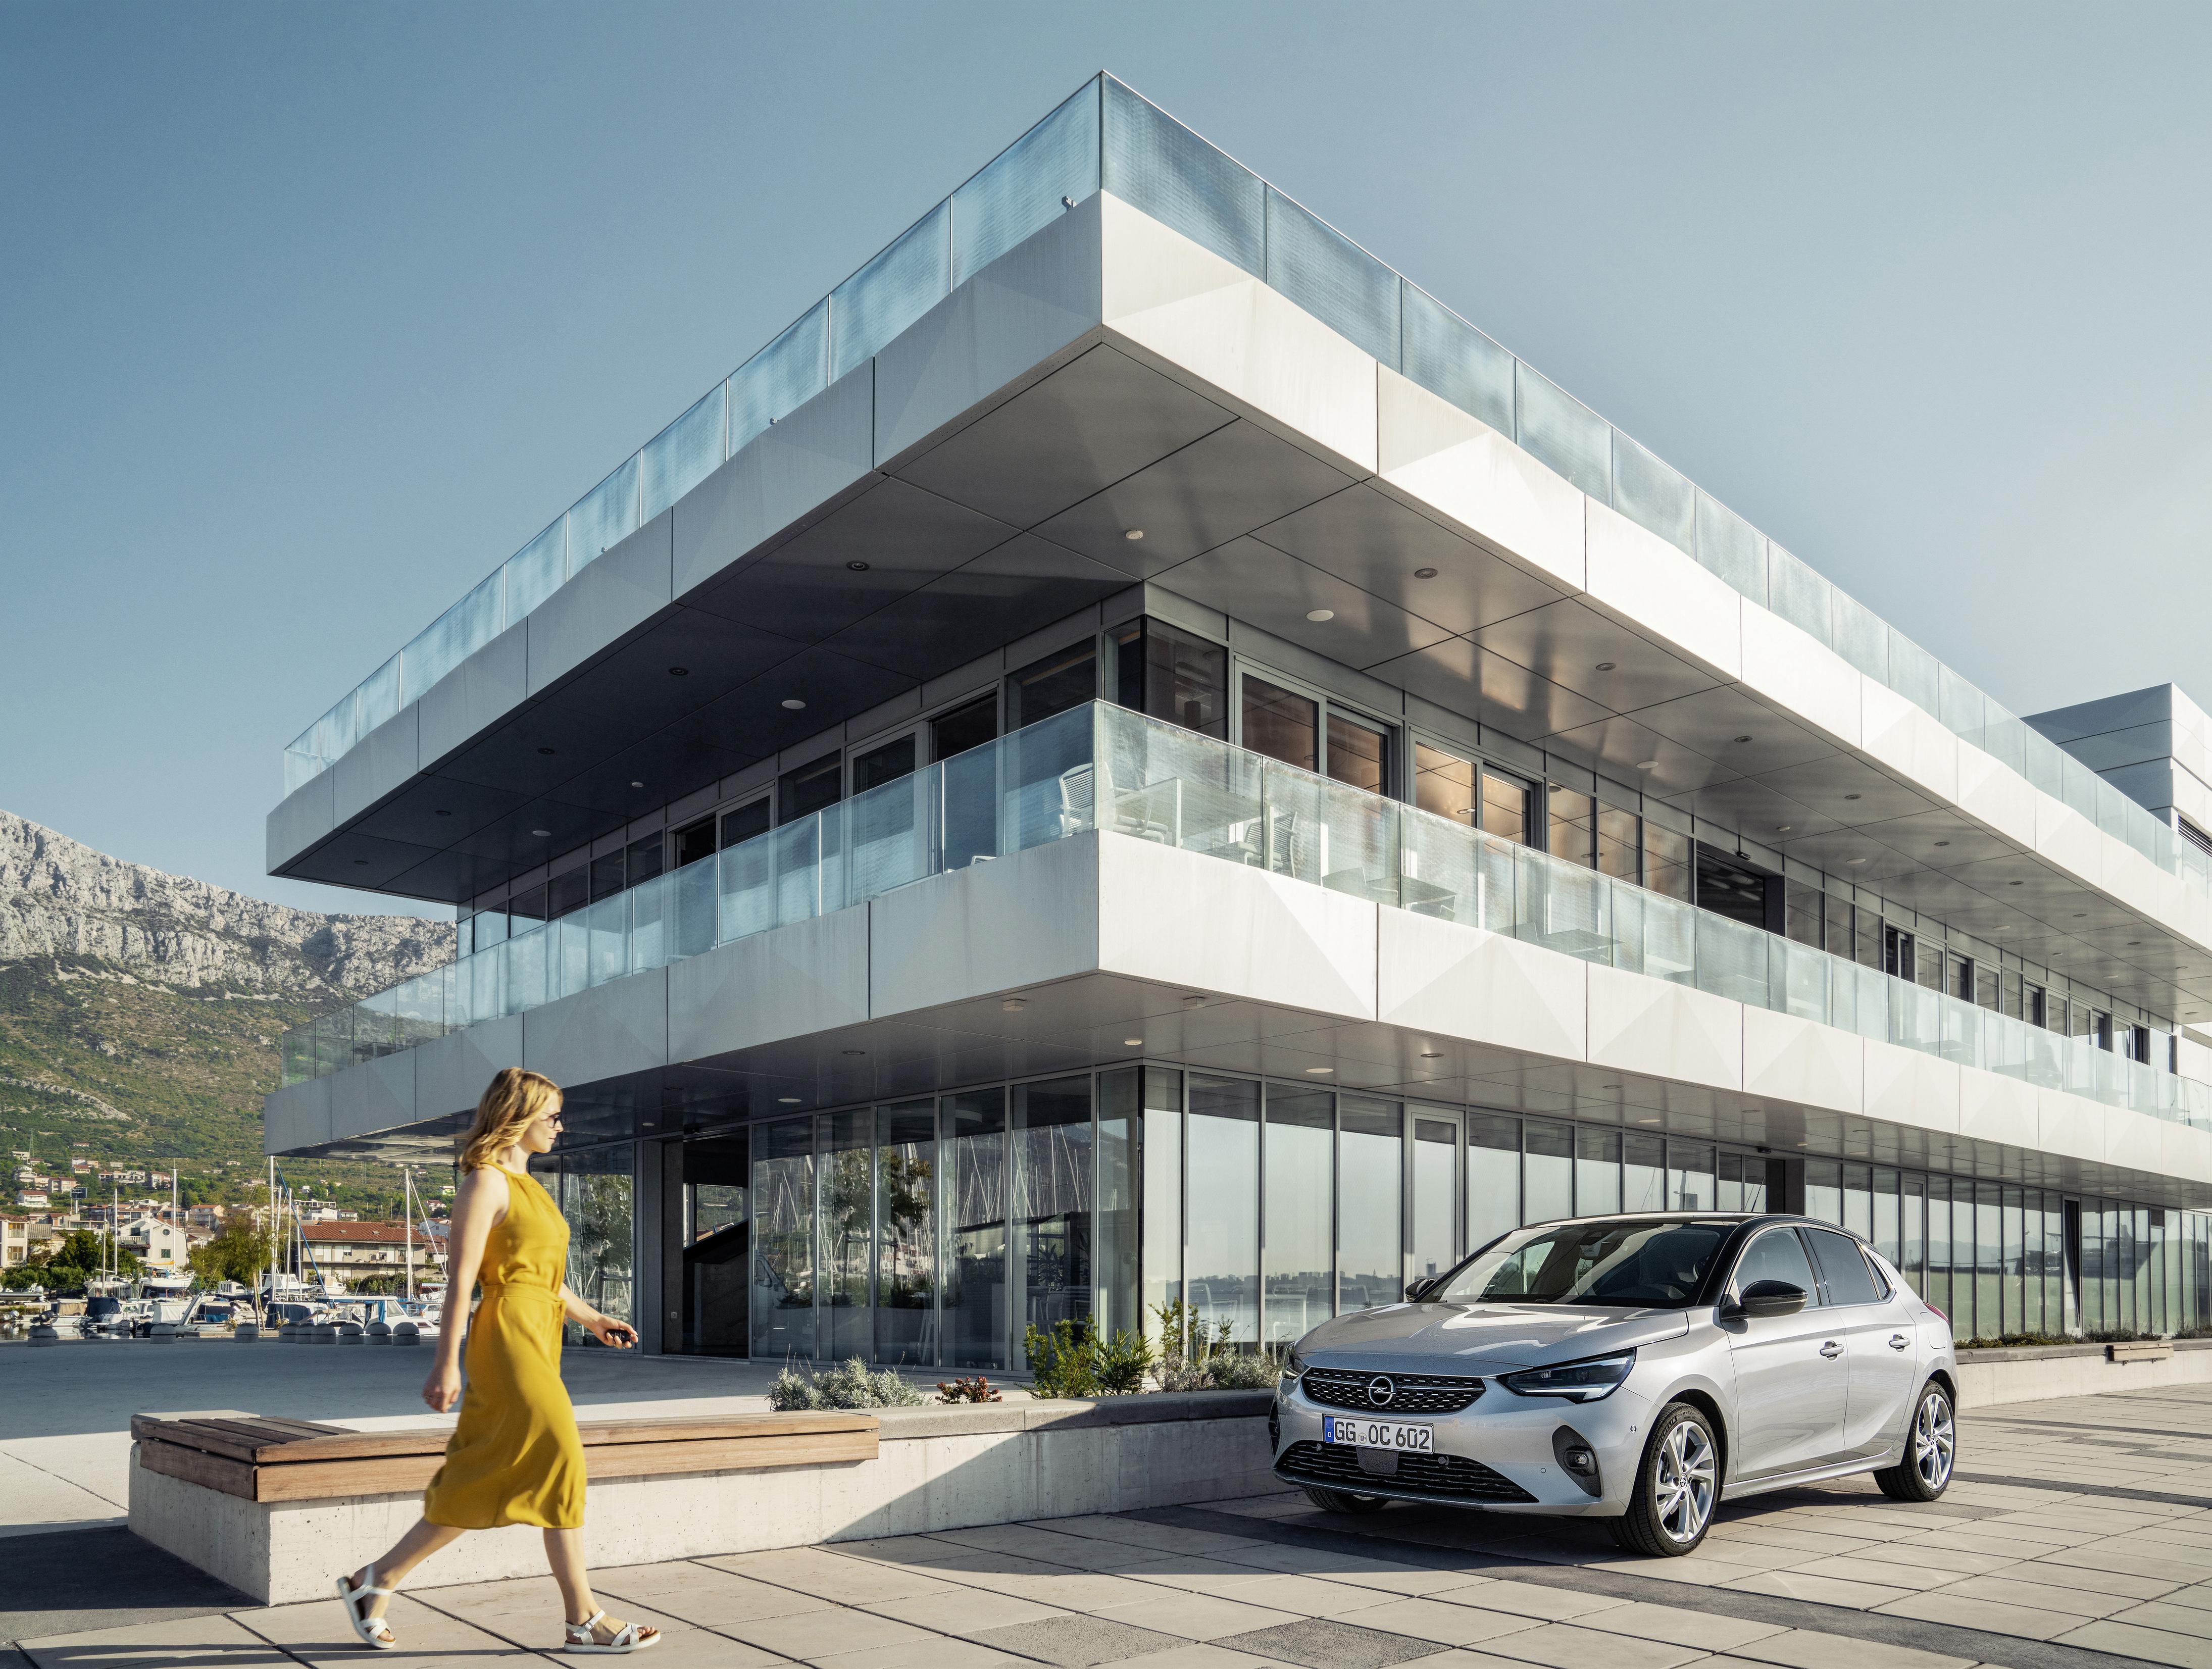 Fotos Opel 2019-20 Corsa Silber Farbe Autos auto automobil